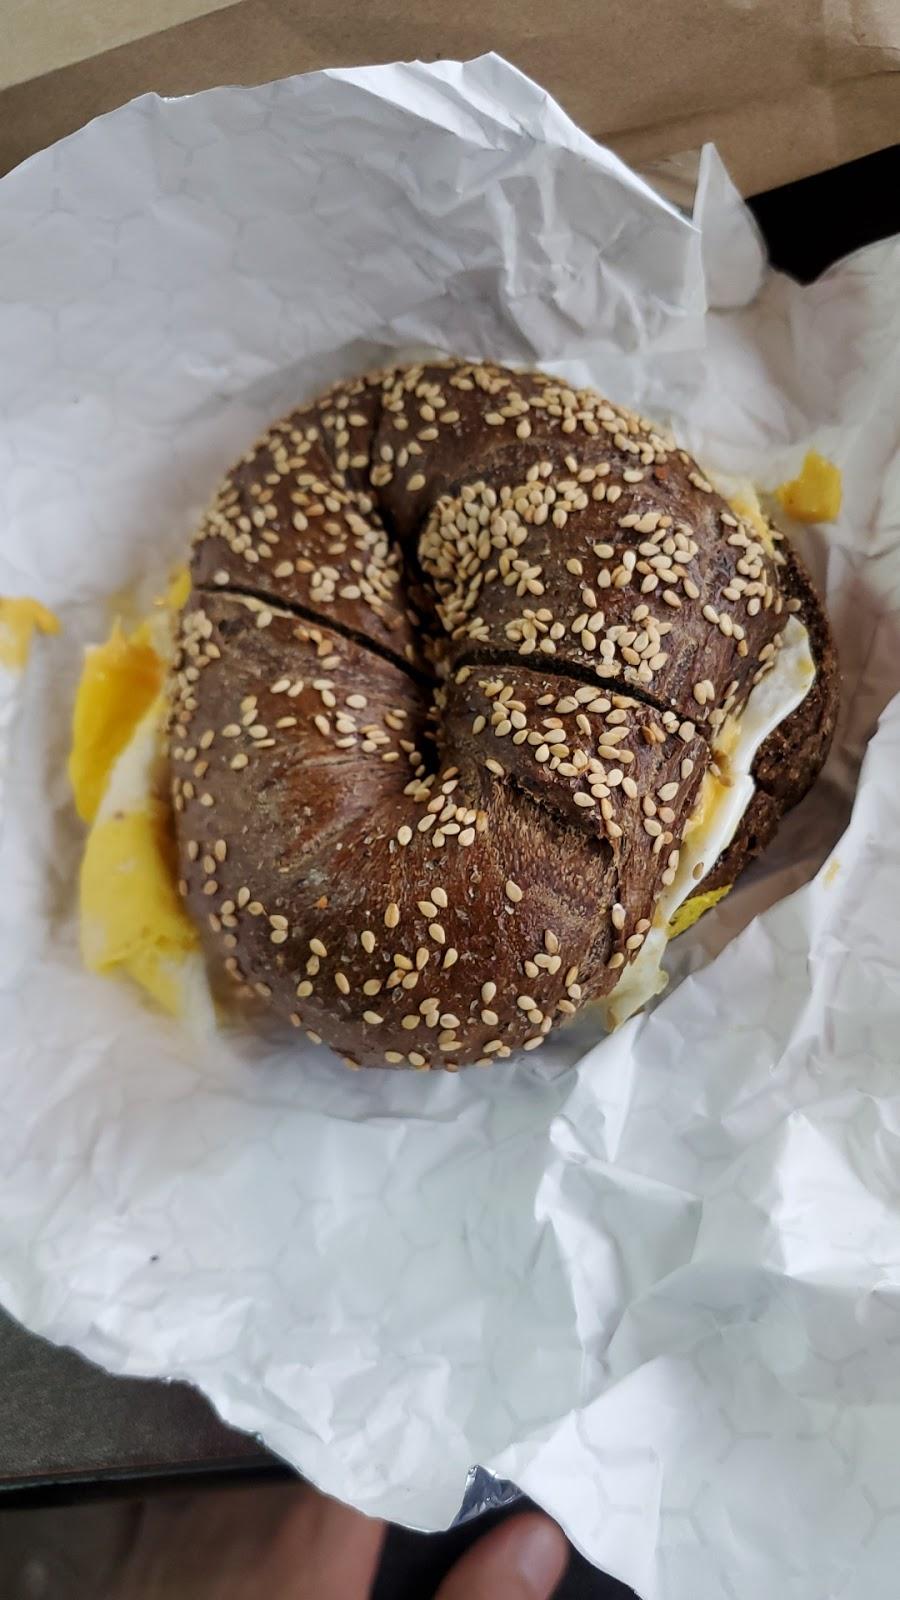 Wayne Hot Bagels and Cafe - bakery  | Photo 7 of 10 | Address: 1055 Hamburg Turnpike, Wayne, NJ 07470, USA | Phone: (973) 694-9964